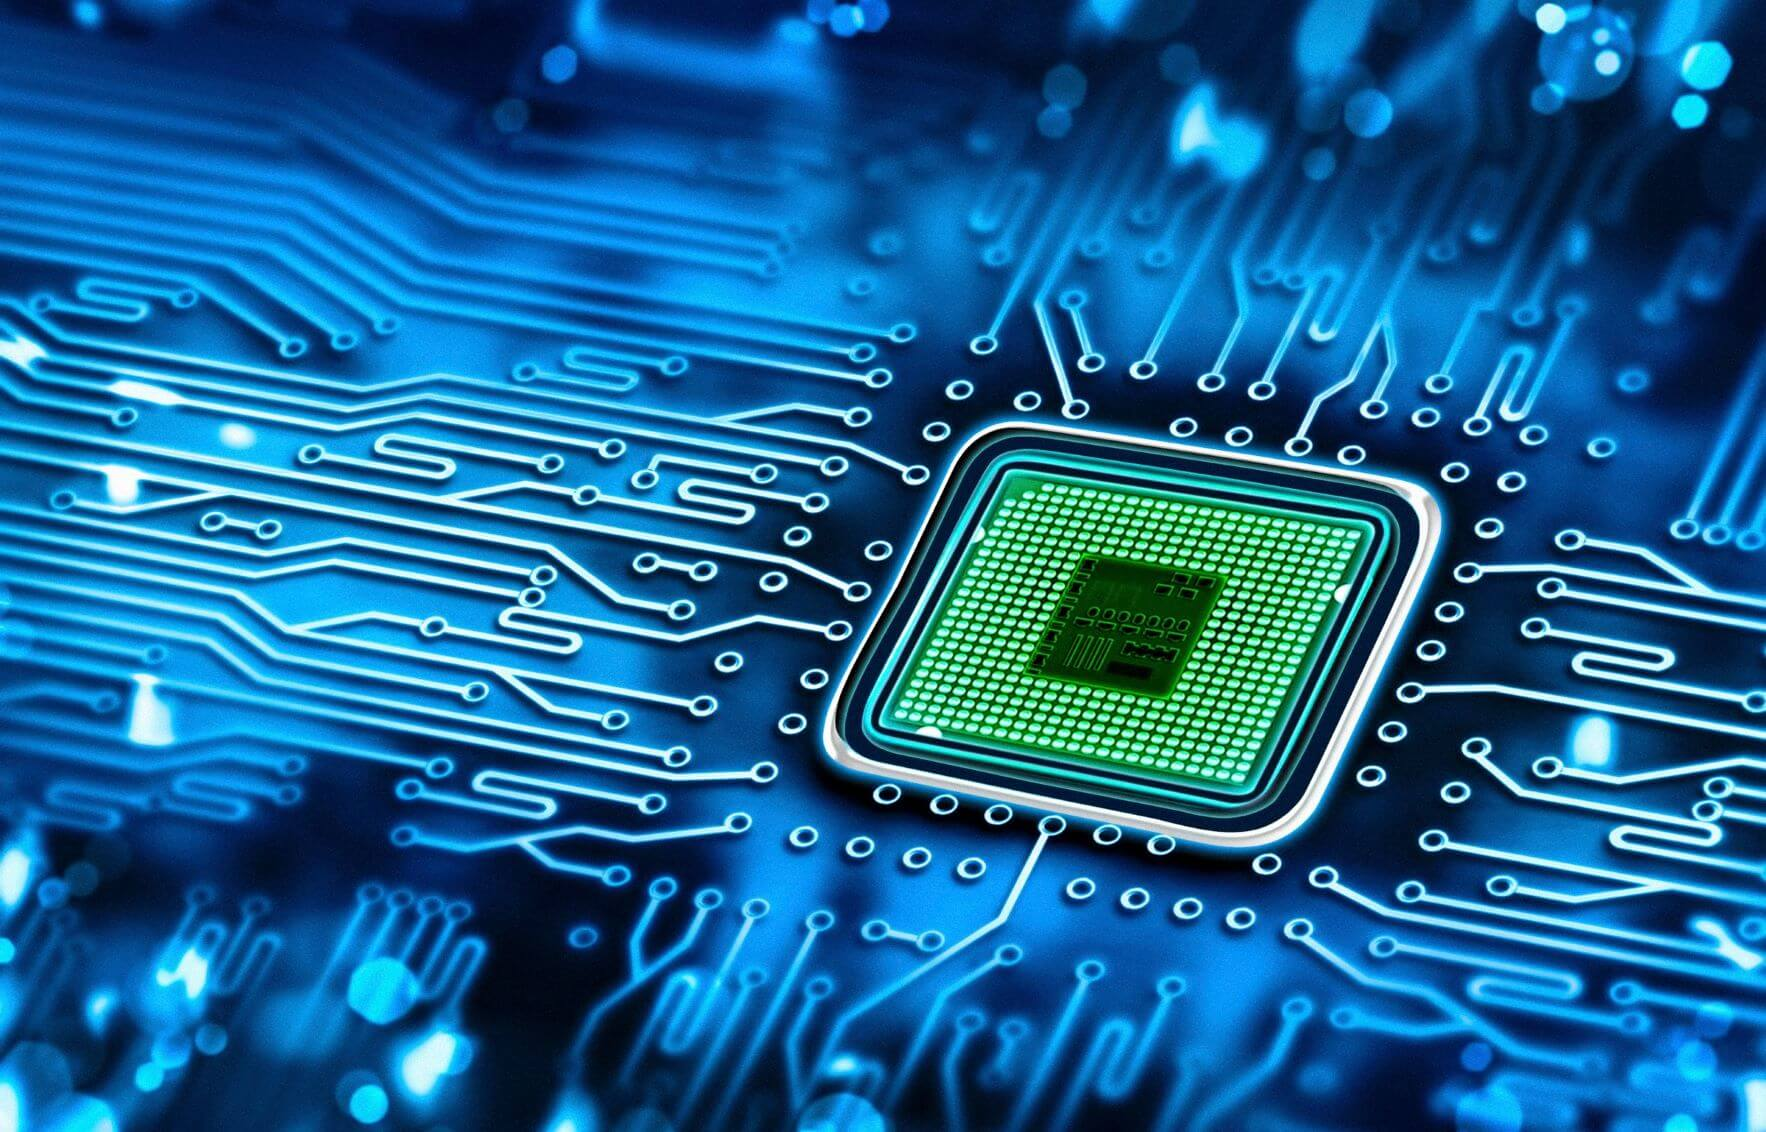 Châu Á đã vươn lên đứng đầu ngành sản xuất chip toàn cầu như thế nào?